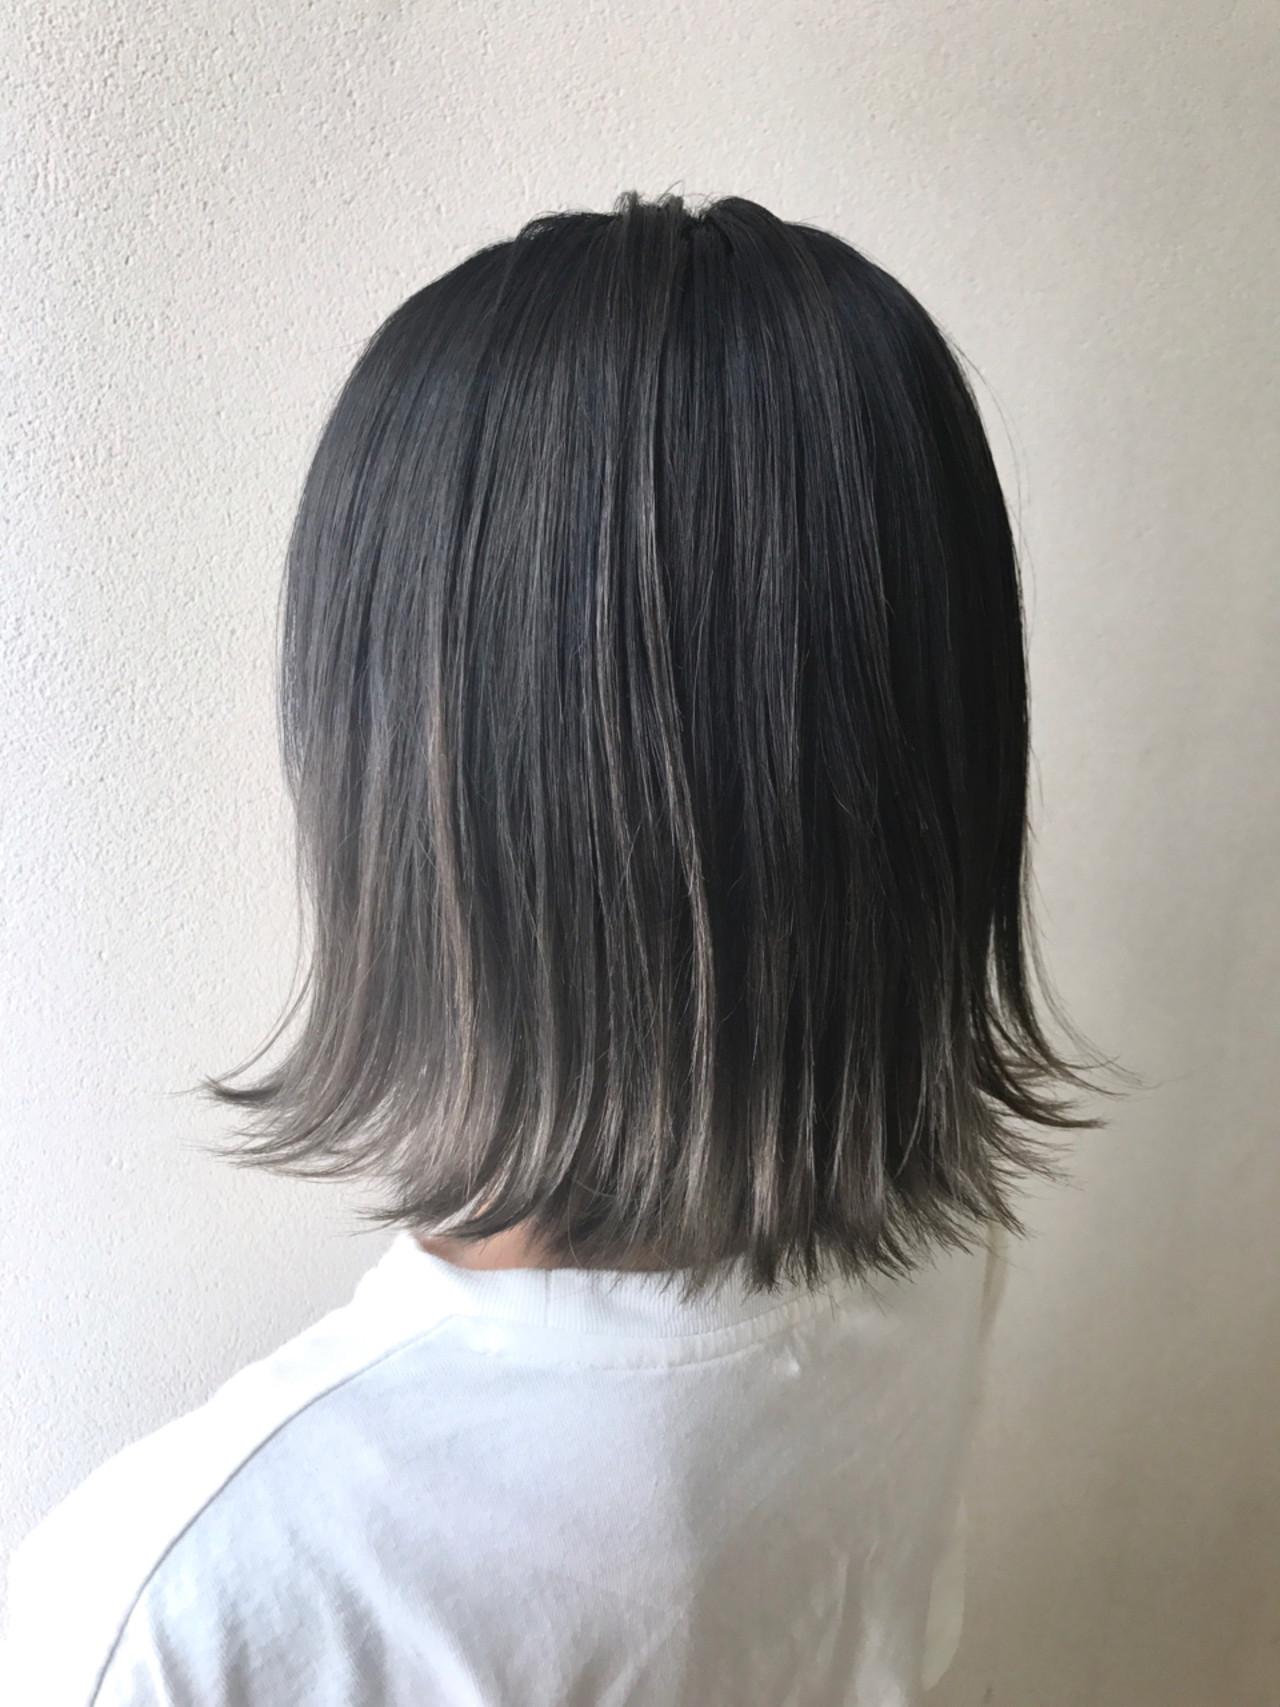 ボブ 冬 グラデーションカラー 秋 ヘアスタイルや髪型の写真・画像